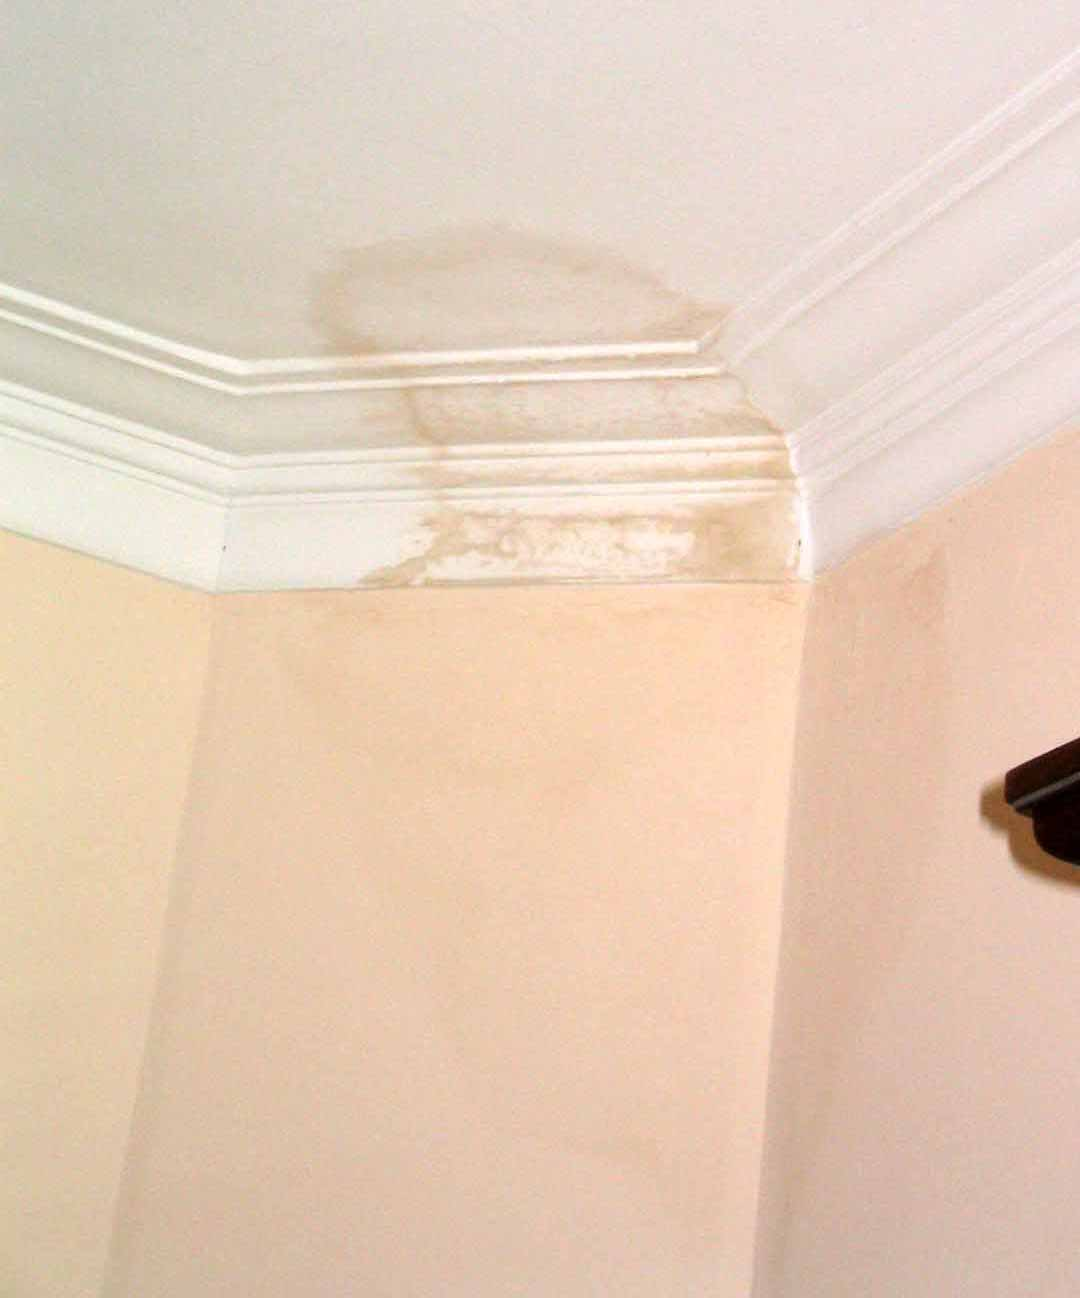 Alba ileria bricolaje casa - Aparato para la humedad ...